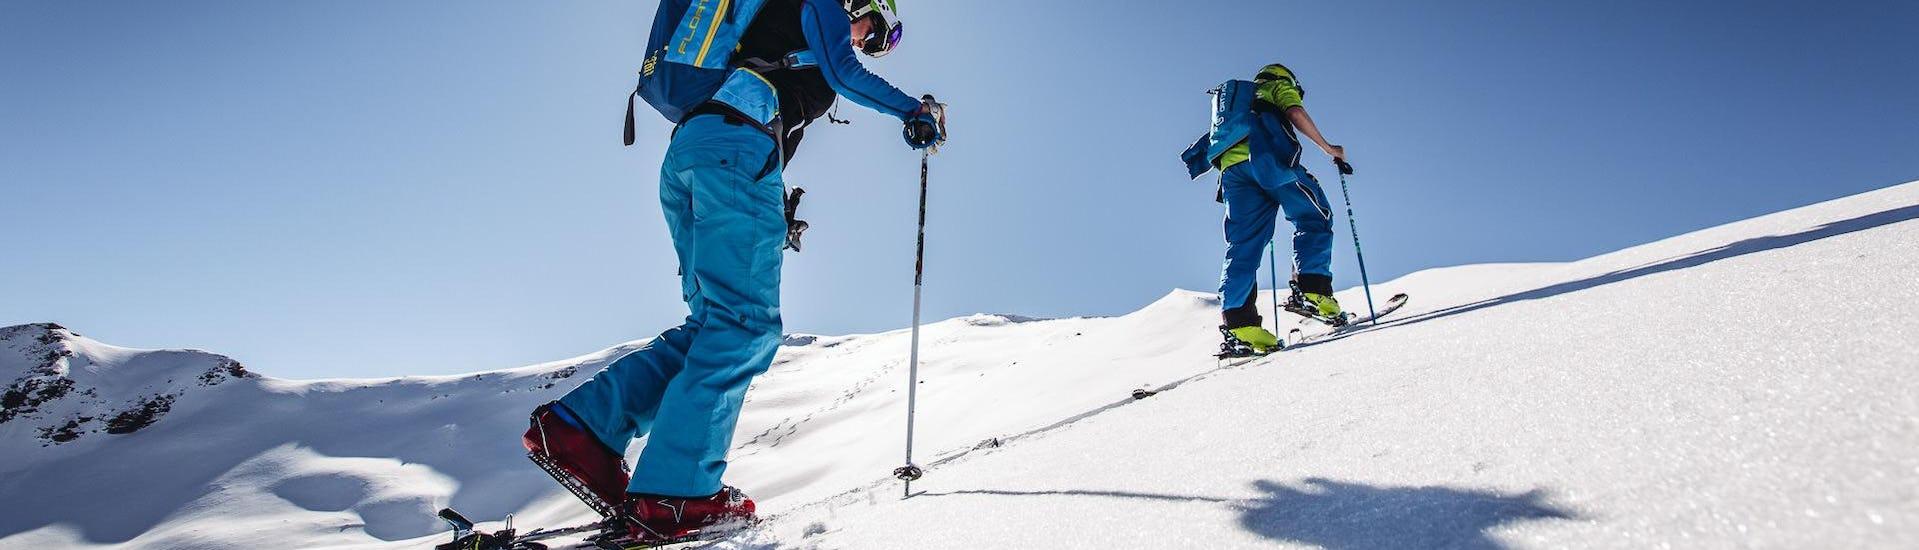 Ski Touring Private